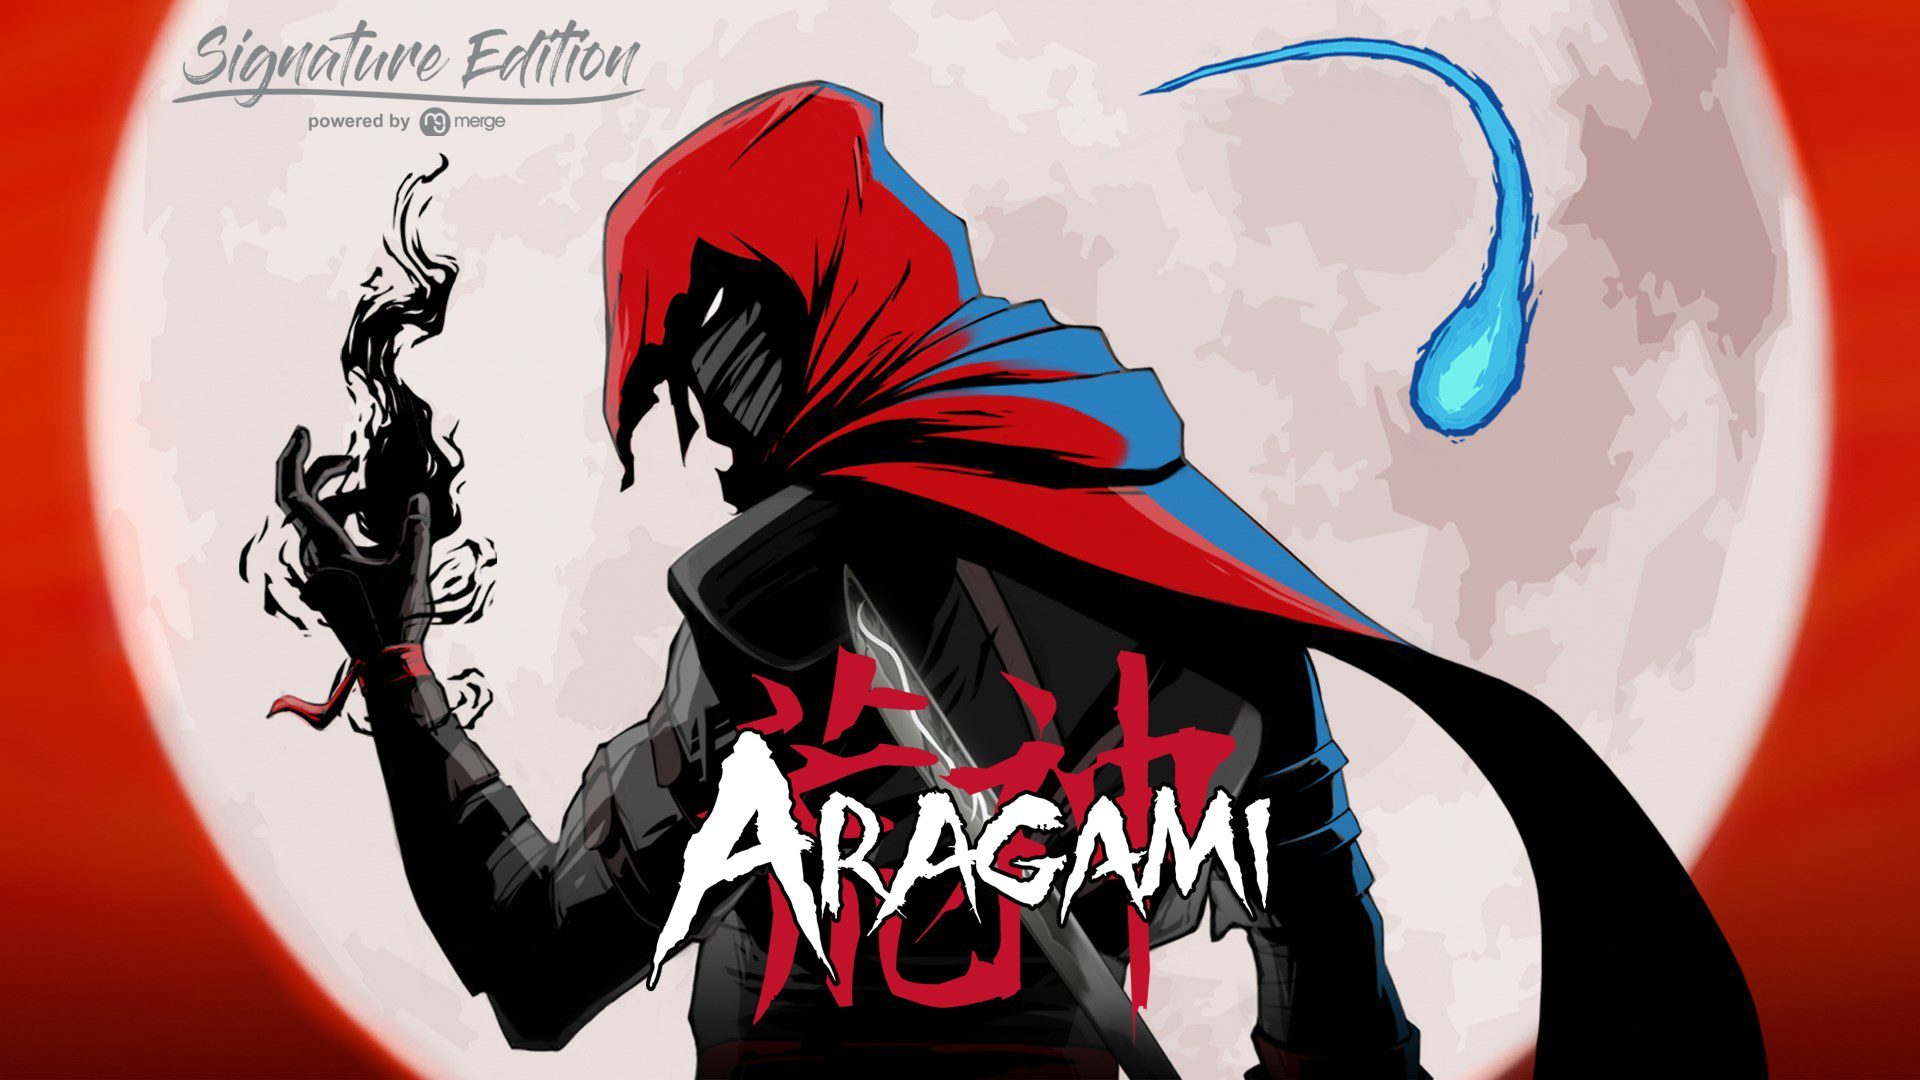 aragami_vignette